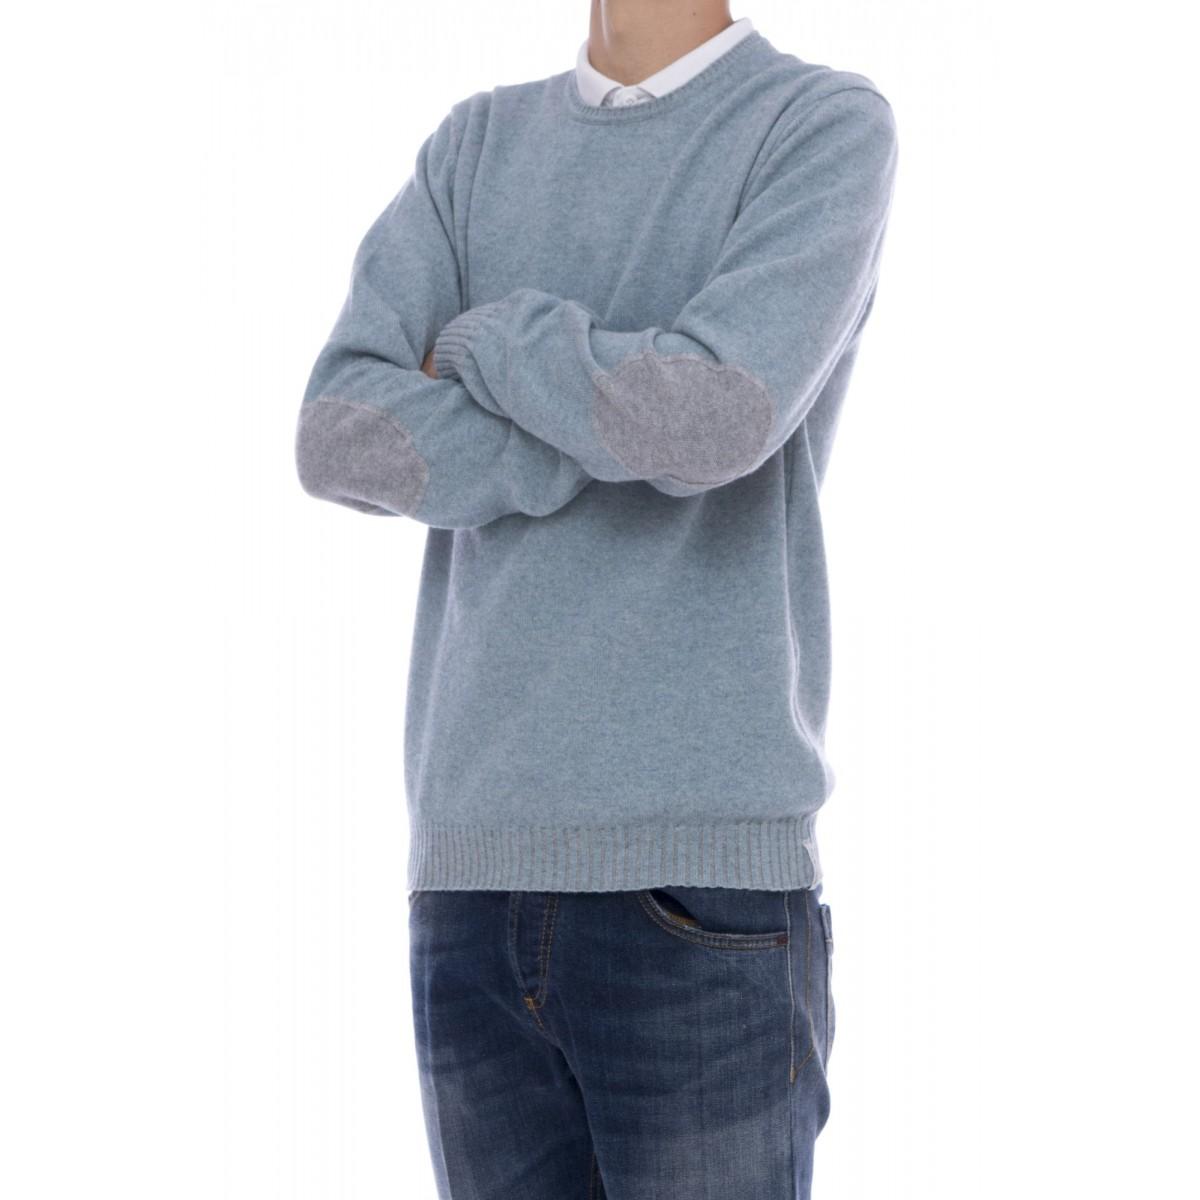 Maglia uomo Jurta - Z103 maglia reversibile con toppa : cashmeire-lana-seta-cotone